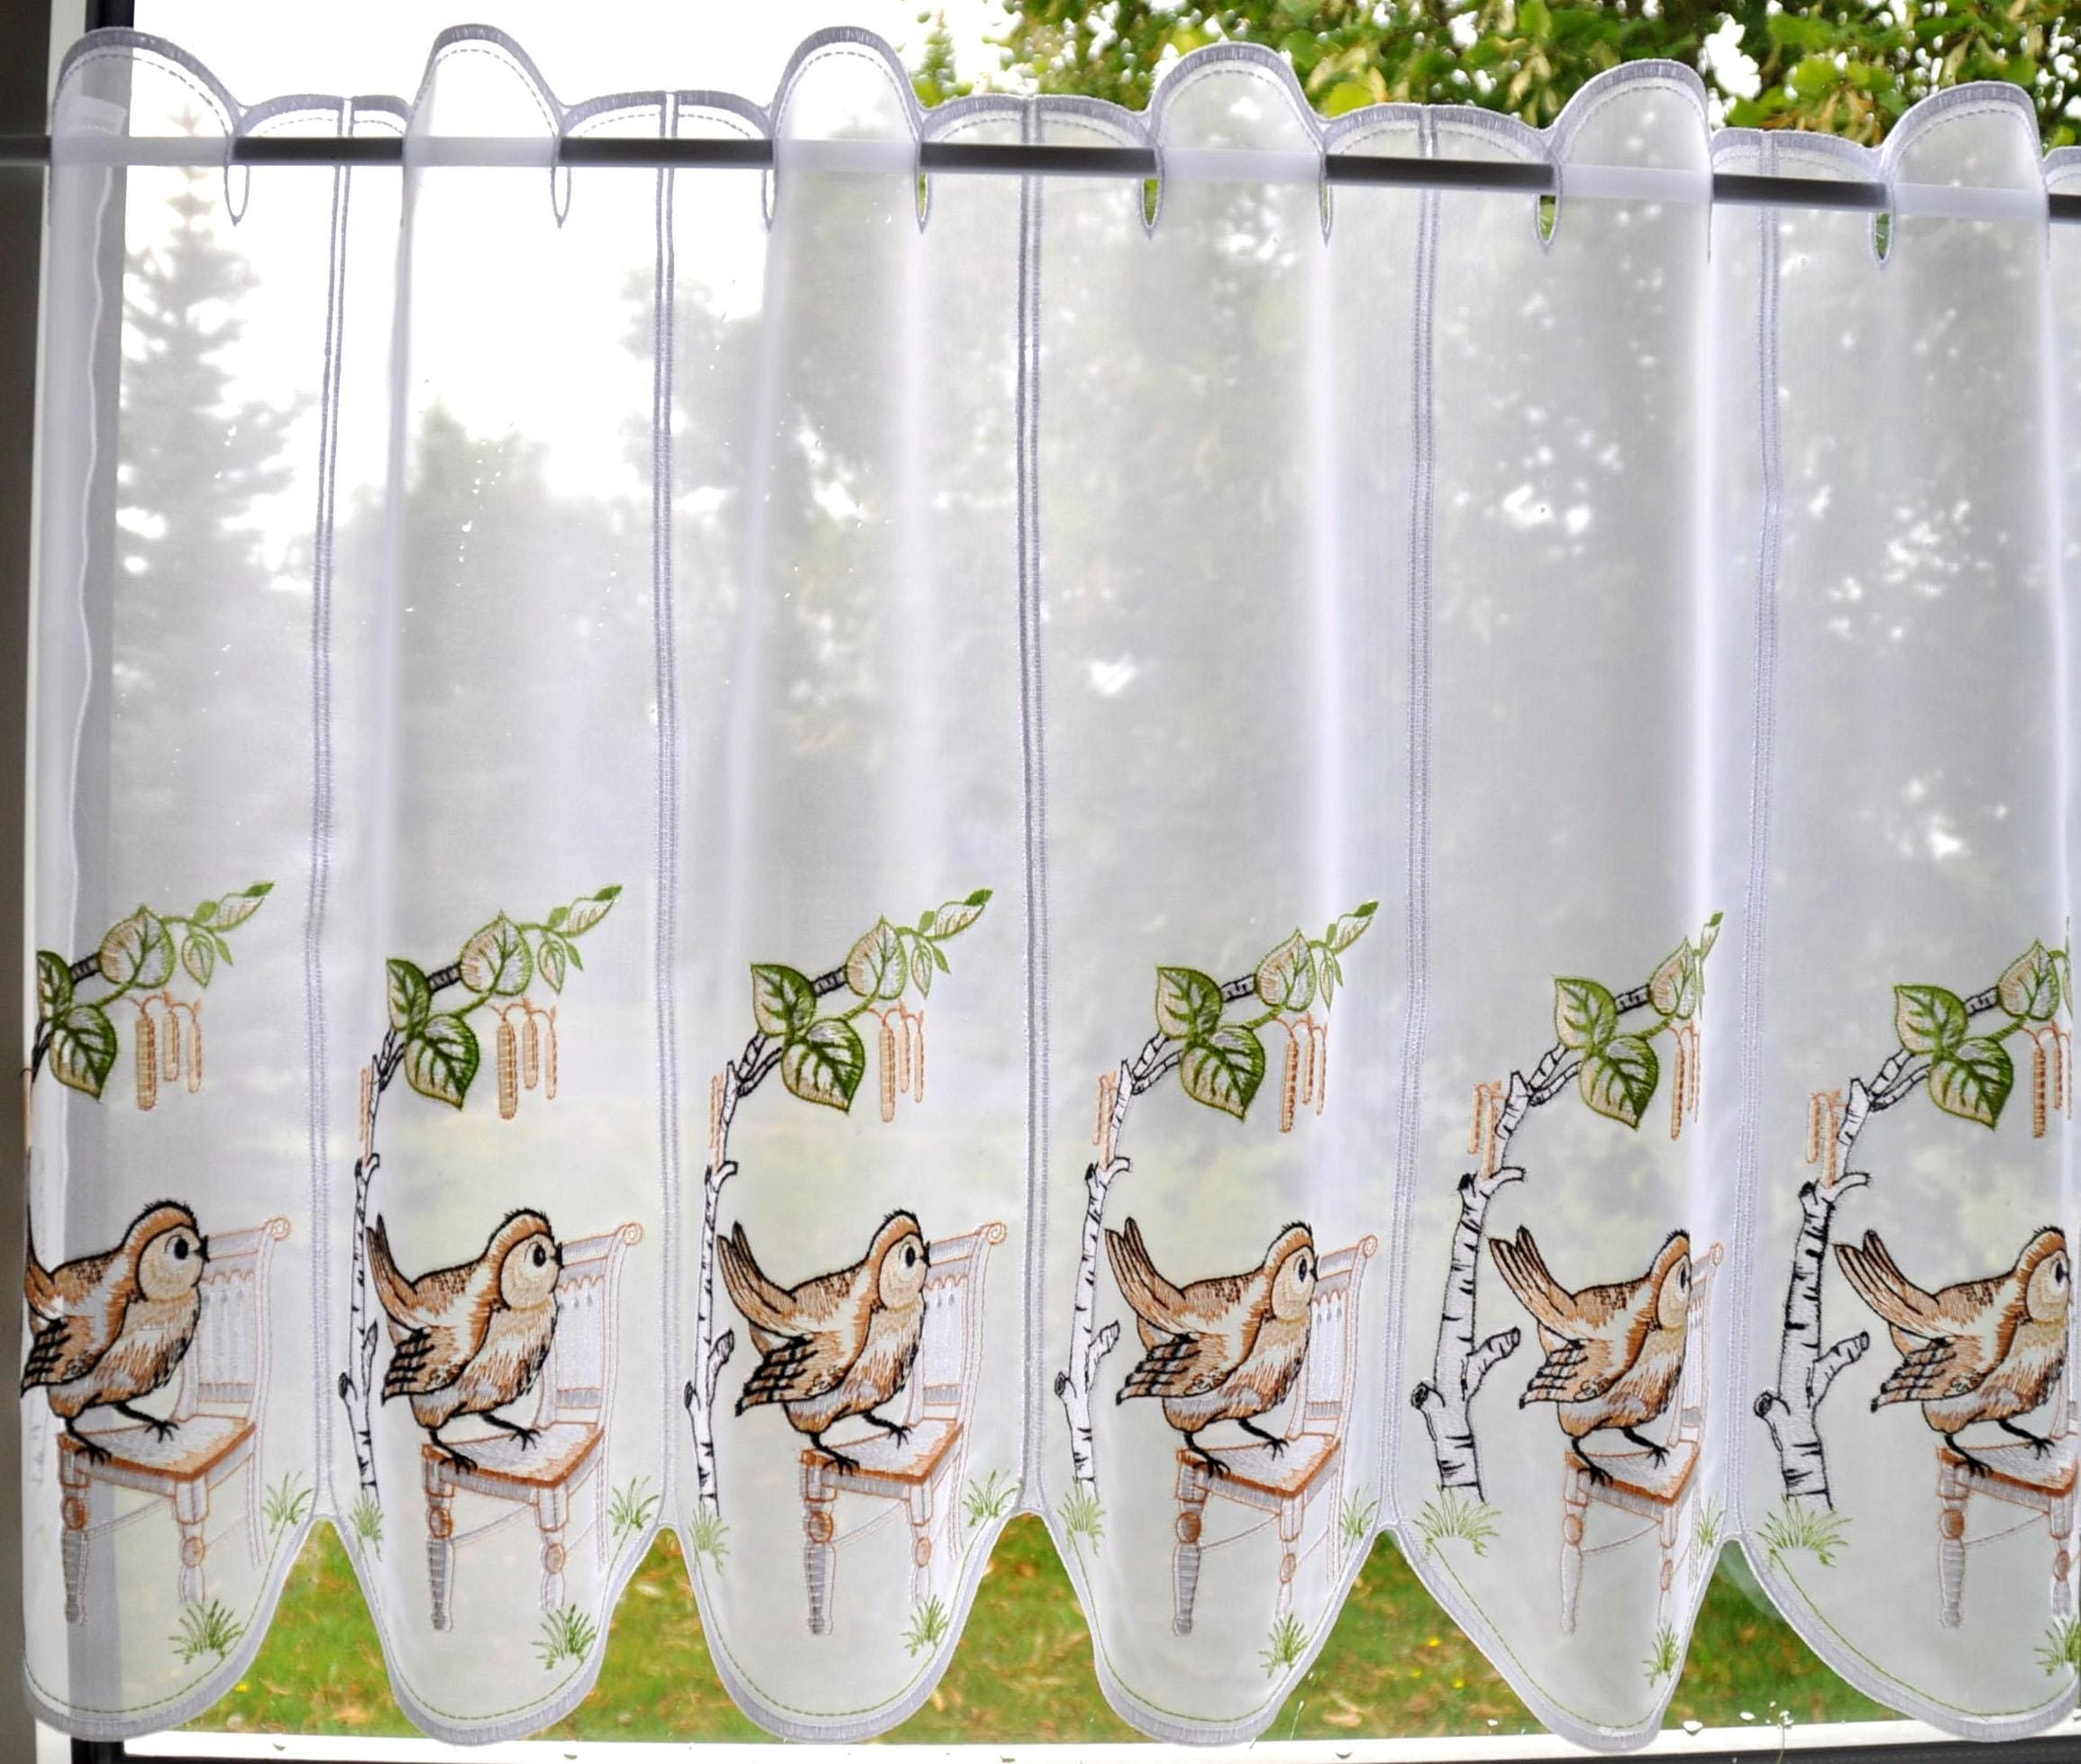 Scheibengardine Stickereien Plauen Vöglein auf Stuhl mit Stangendurchzug (1 Stück)